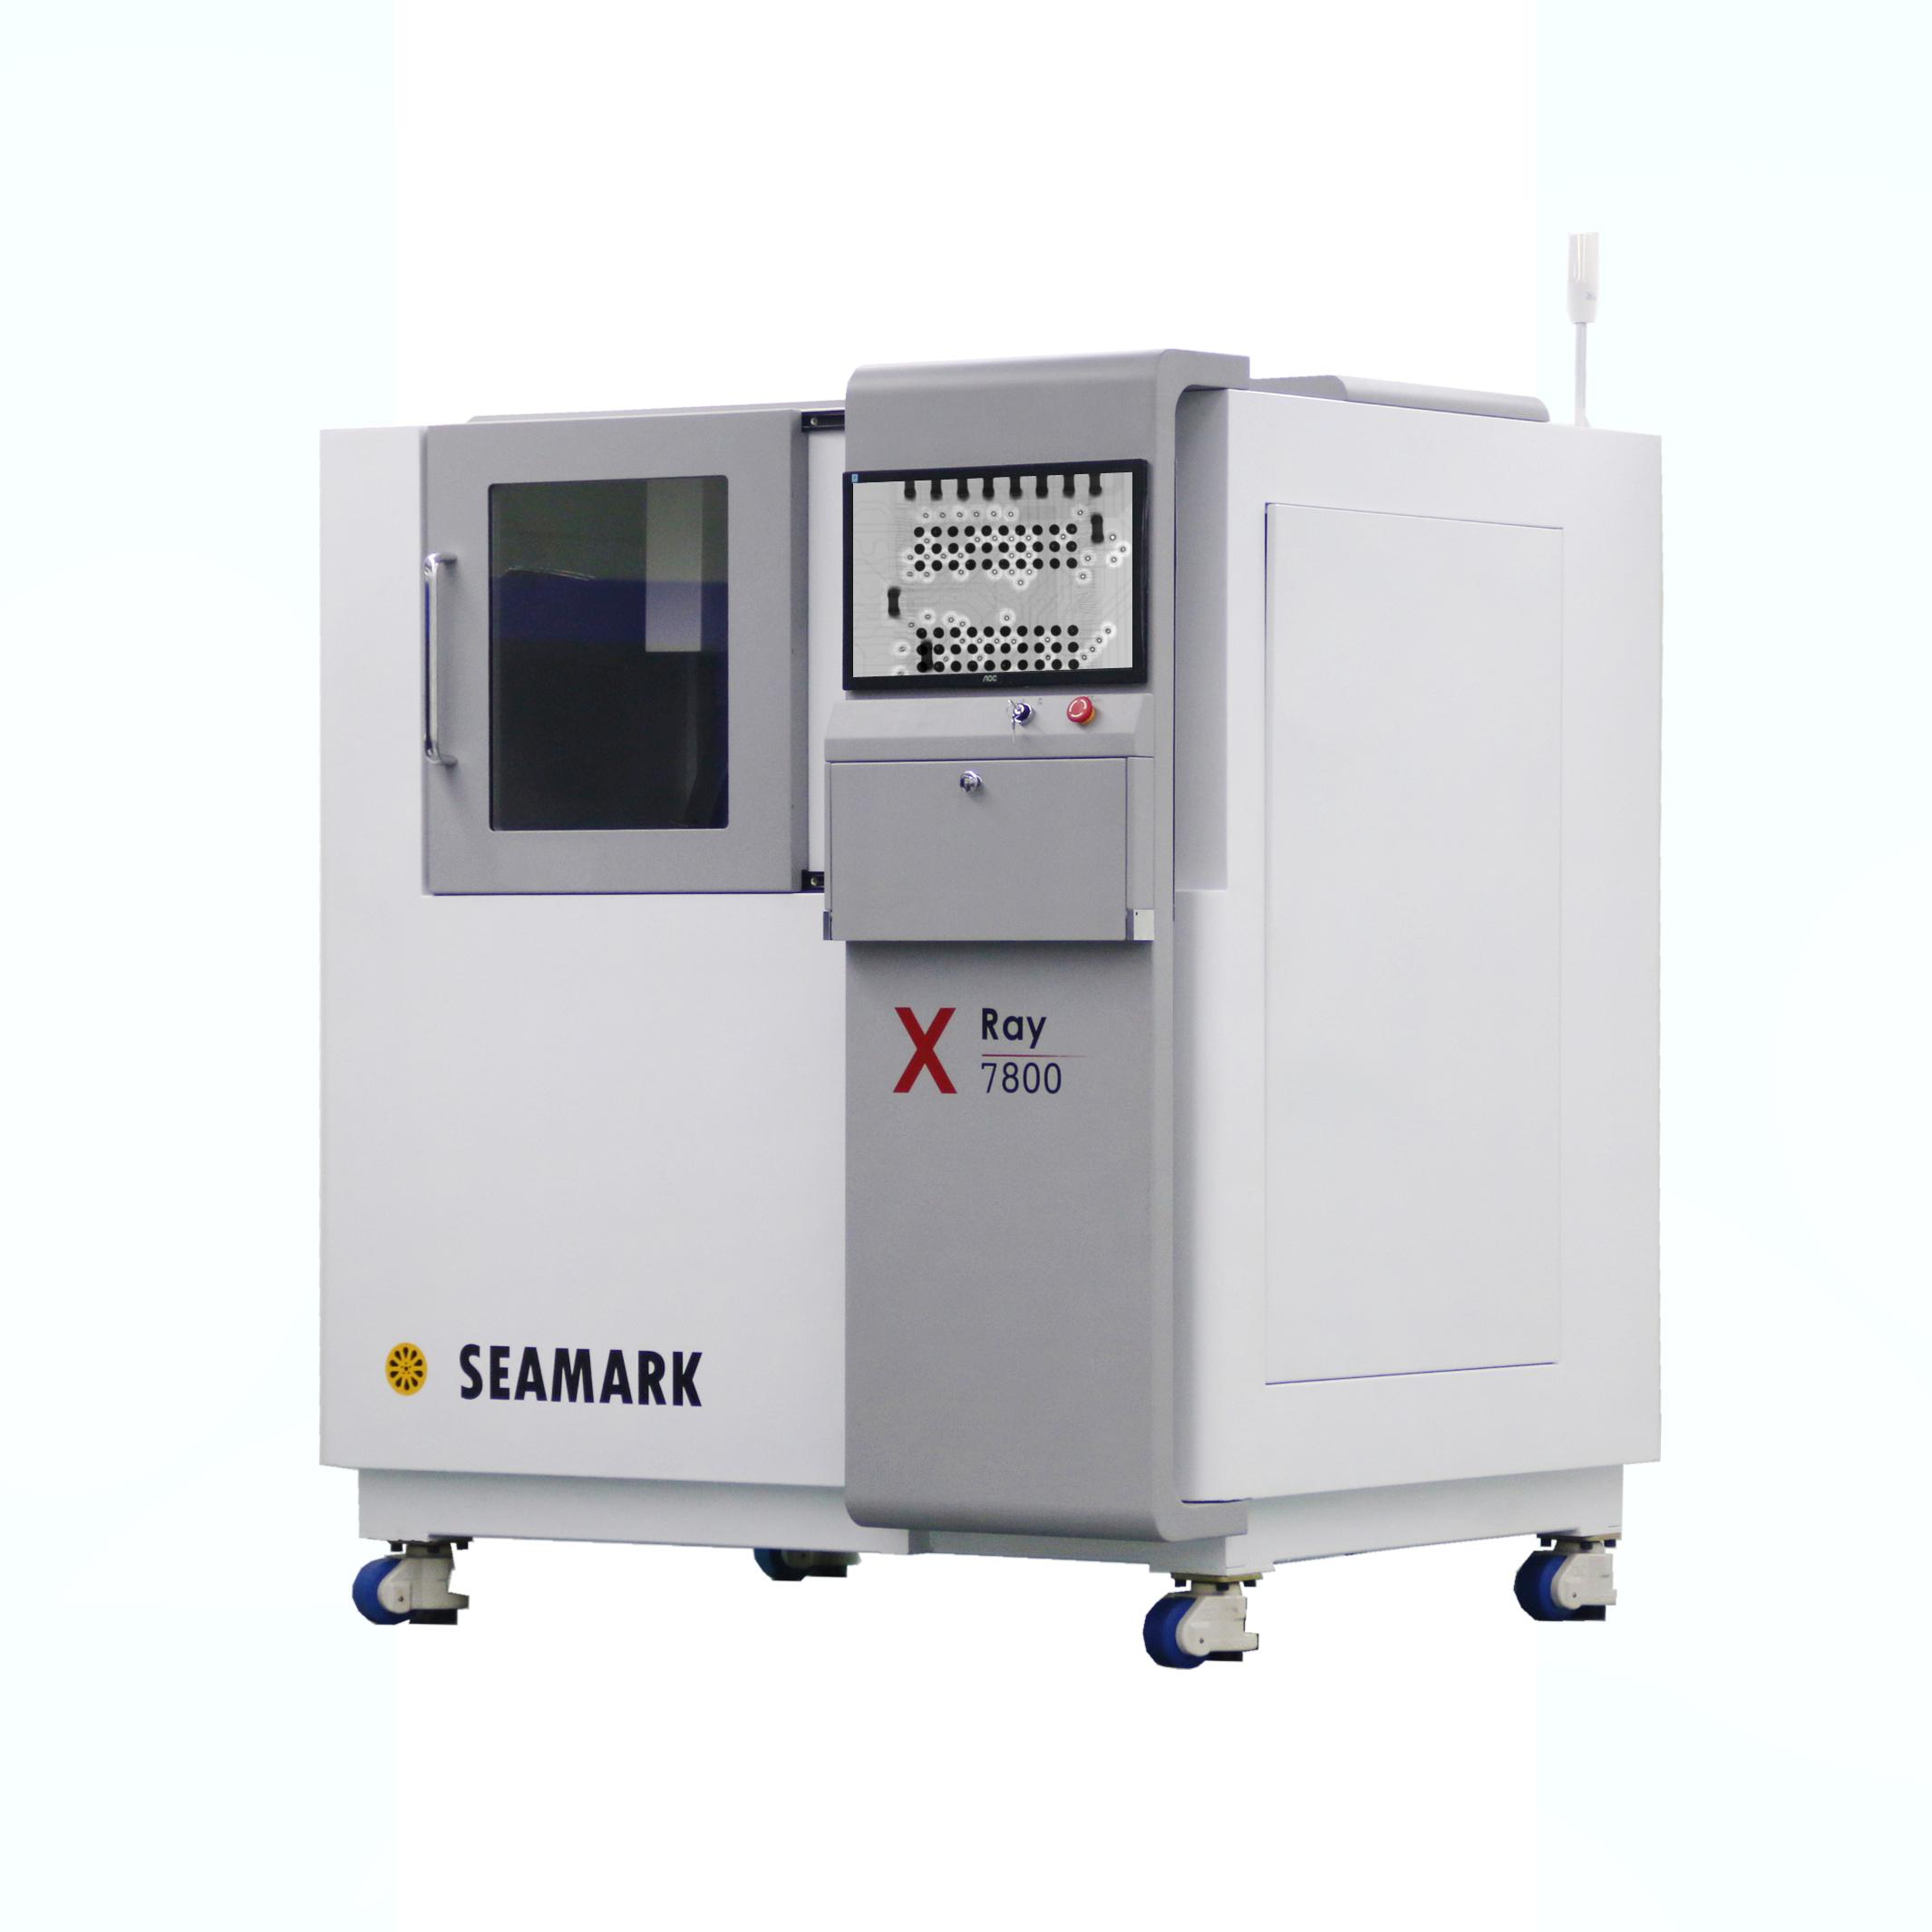 无损检测工业X射线探伤机的应用GULMAY-卓茂科技